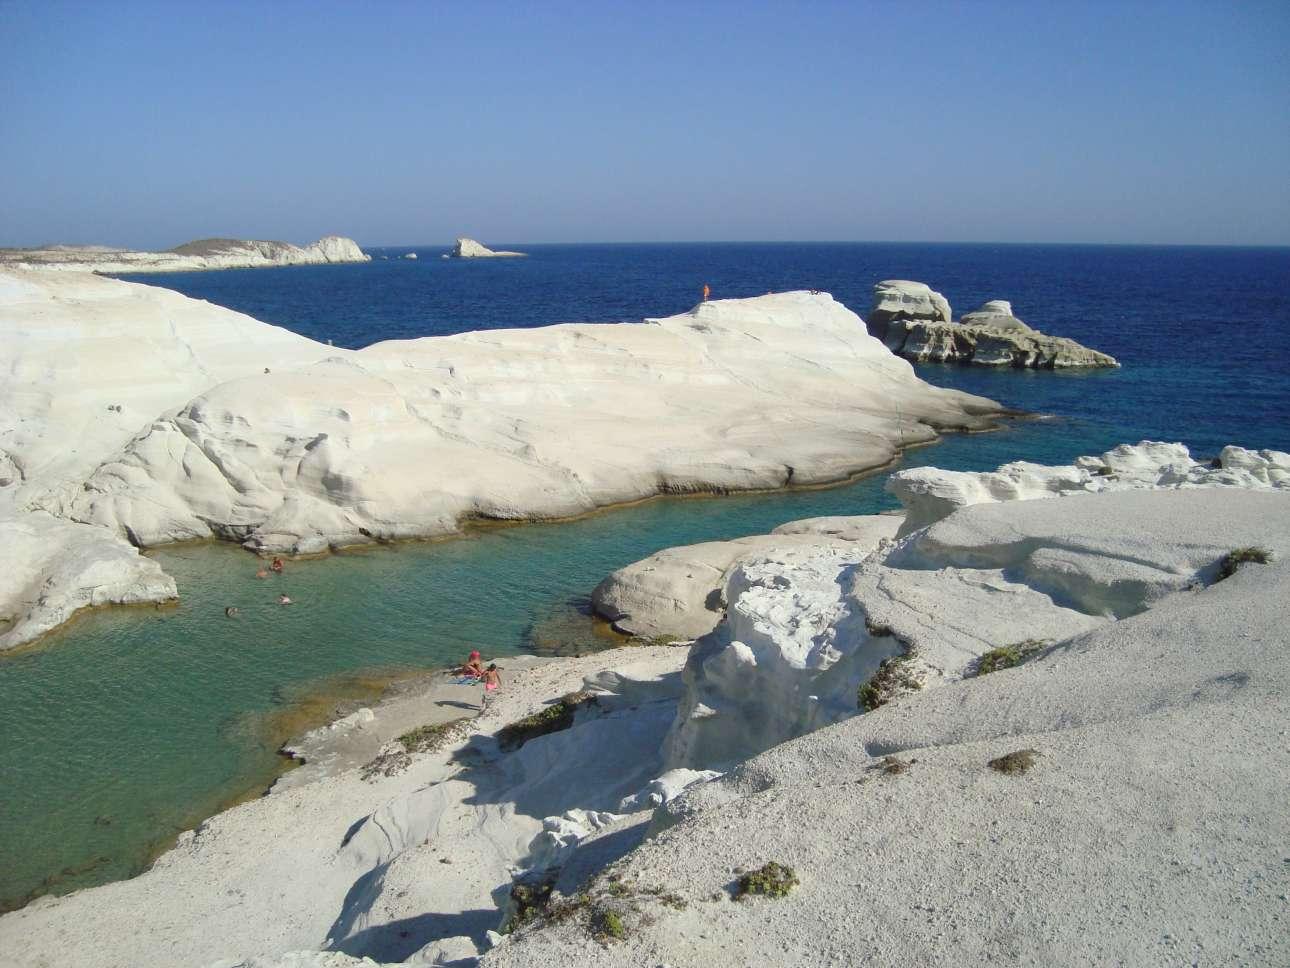 Στην έβδομη θέση το σεληνιακό τοπίο του Σαρακήνικου στην Μήλο. Τα λευκά βράχια, το κυκλαδίτικο φως και τα σμαραγδένια νερά προσφέρουν ένα μοναδικό θέαμα